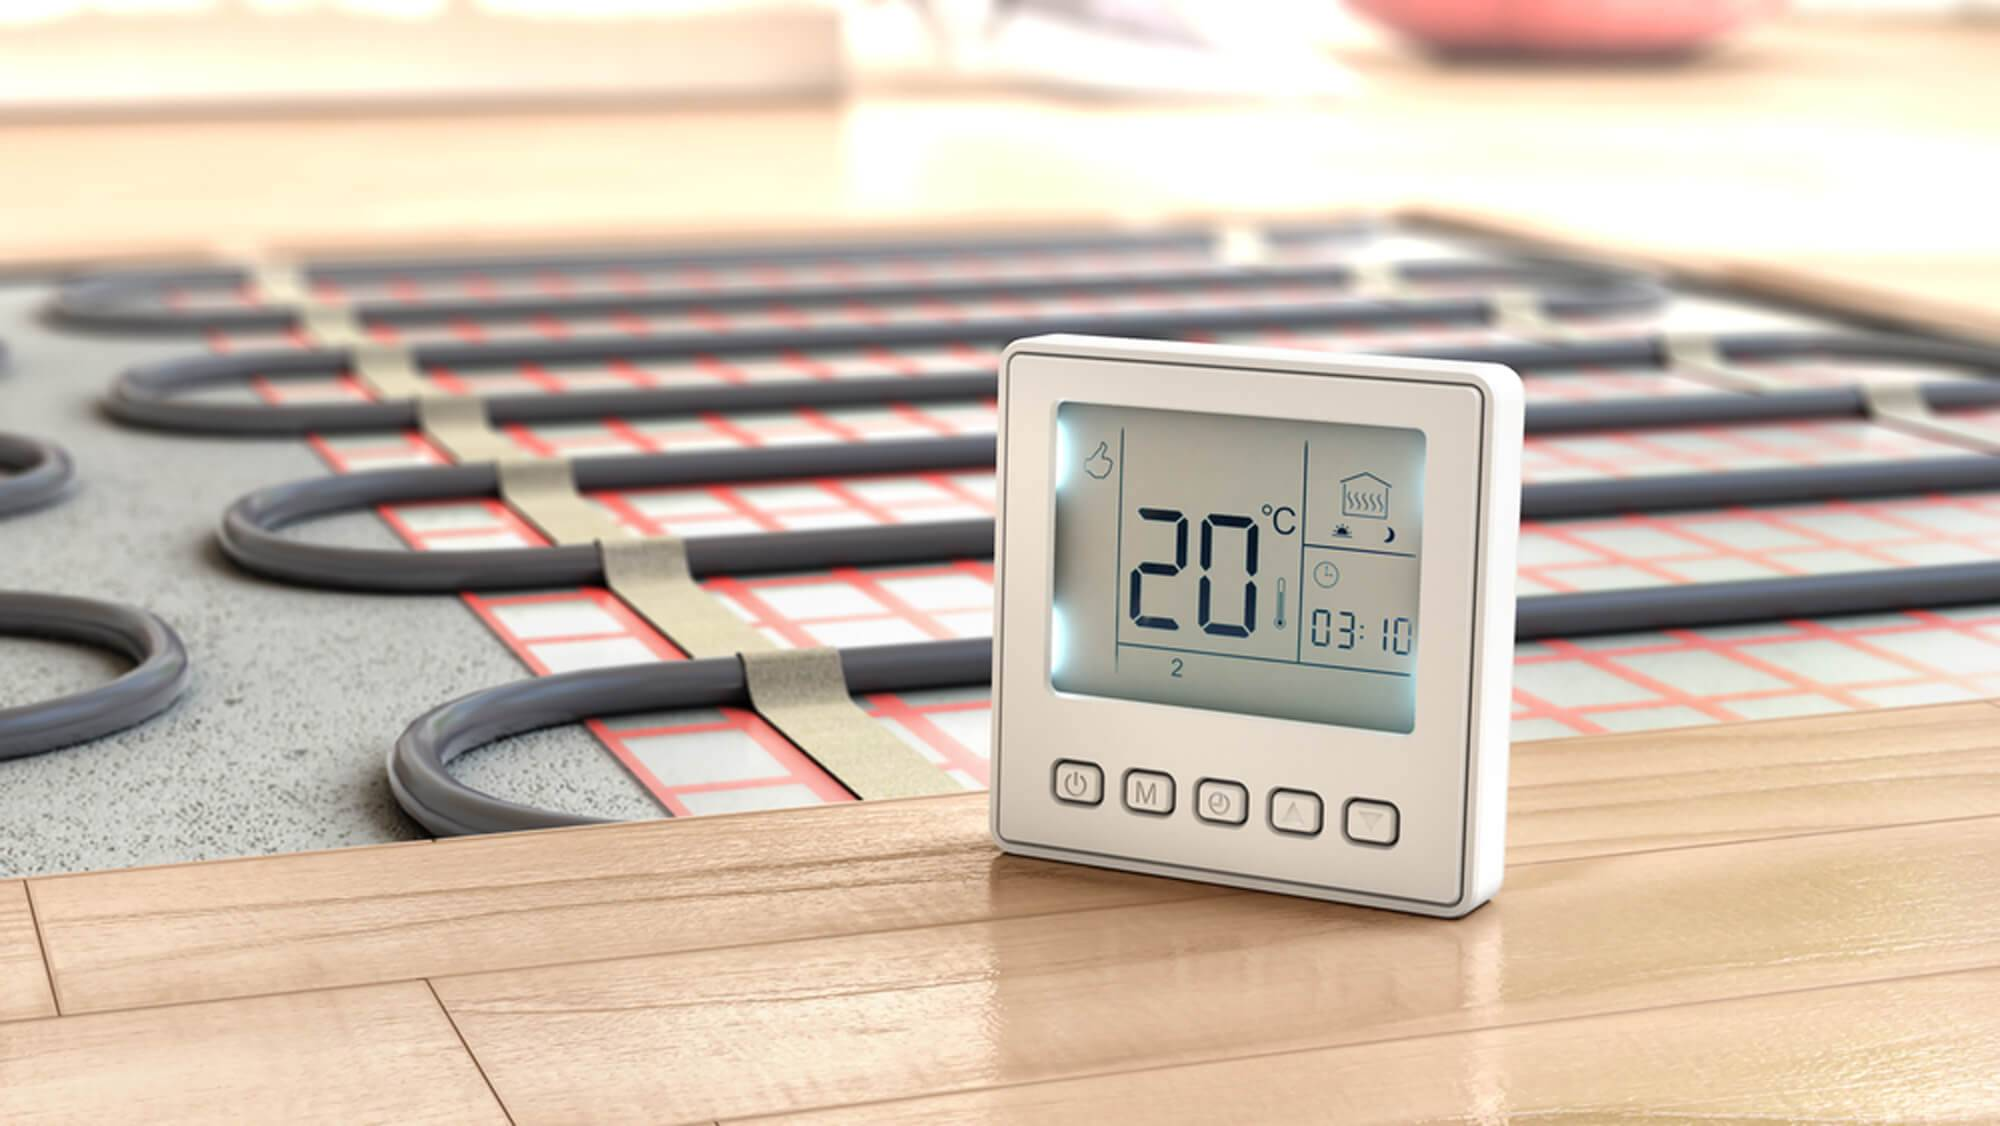 Электроплита не греет или греет не на полную мощность – в чем причина?